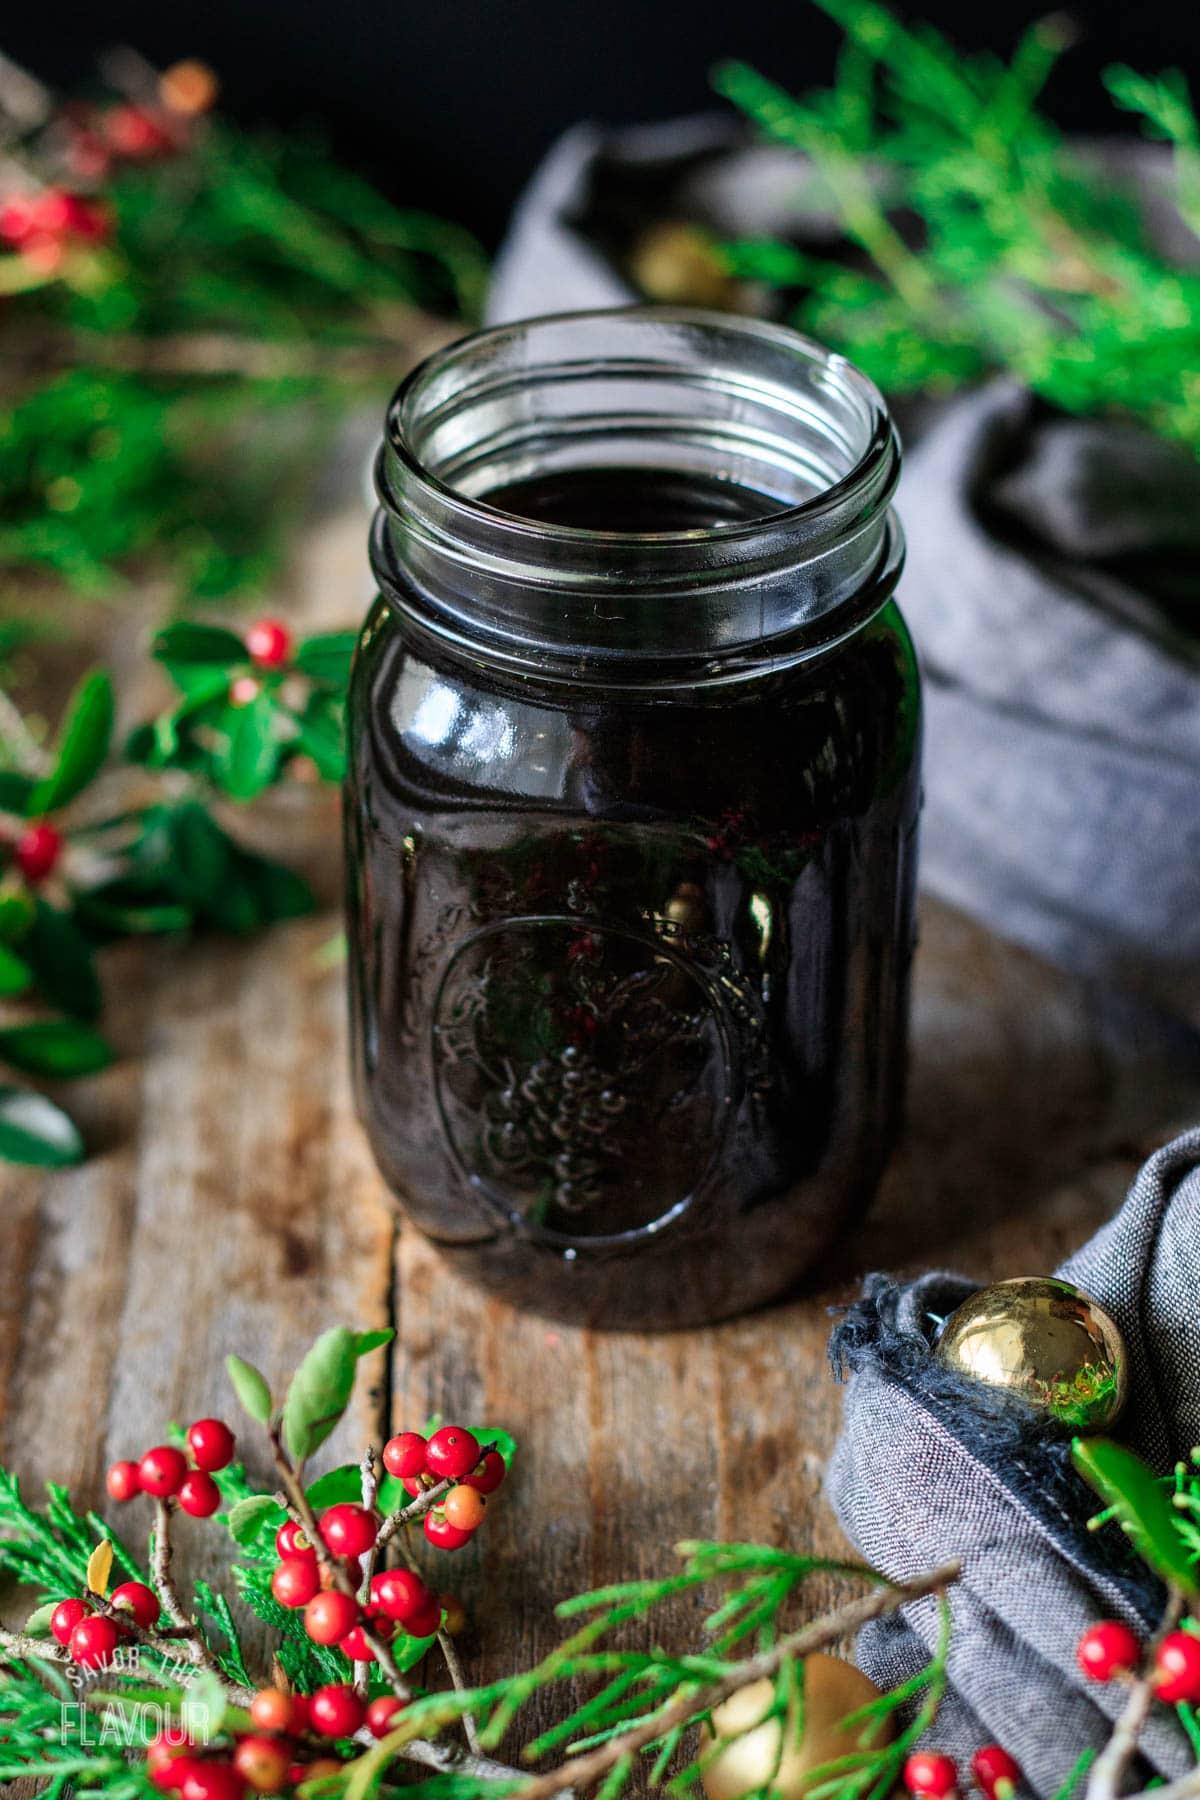 gingerbread syrup in a mason jar